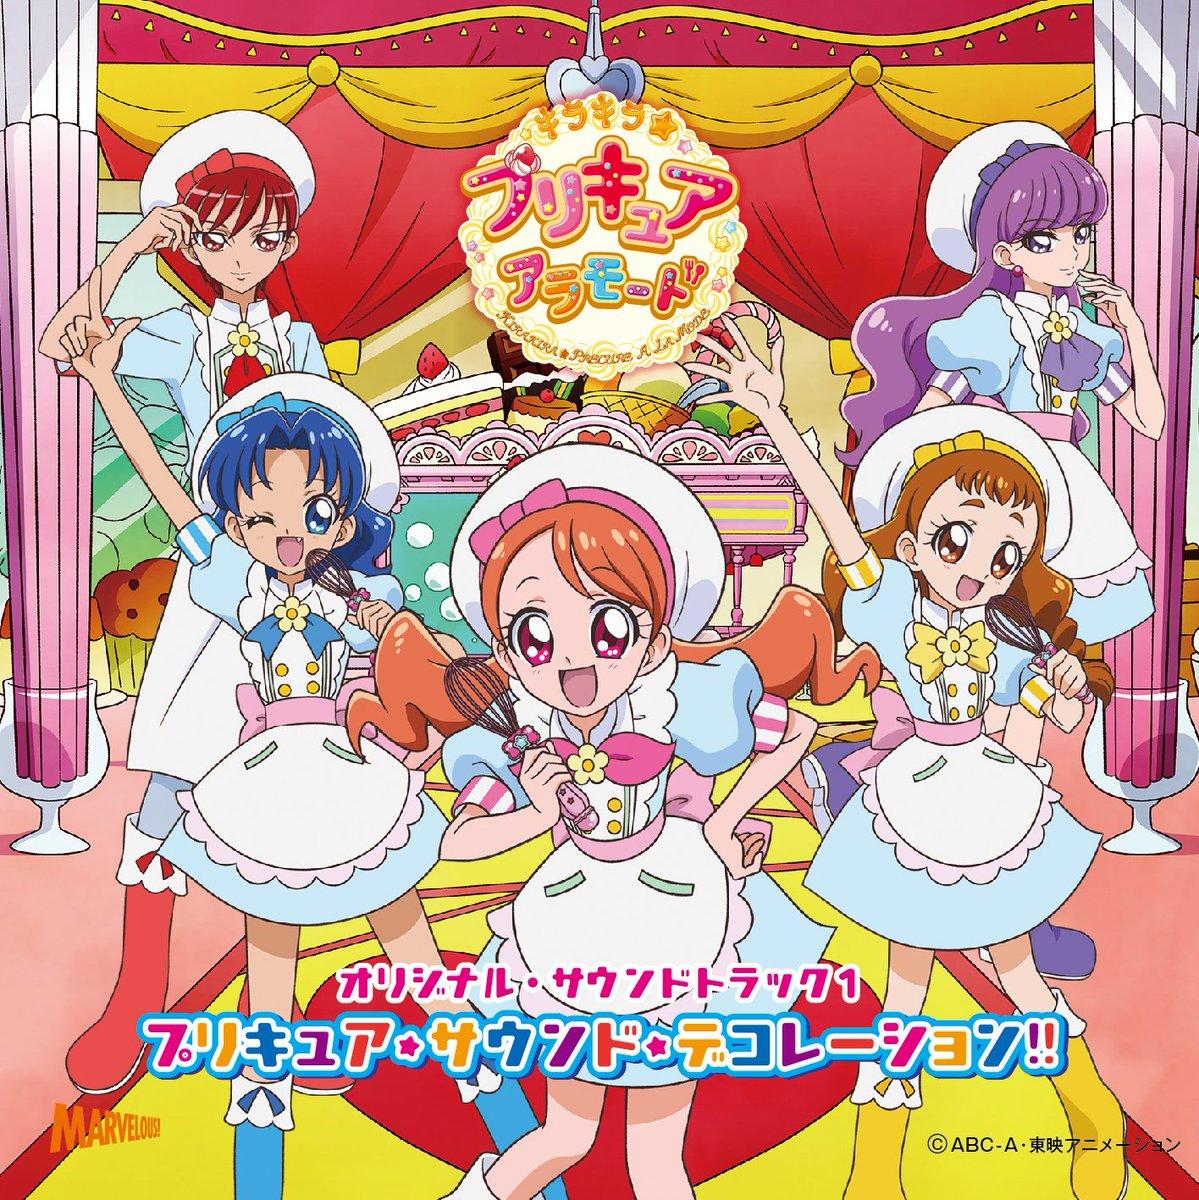 『キラキラ☆プリキュアアラモード』オリジナル・サウンドトラック1「プリキュア・サウンド・デコレーション!!」、5月31日